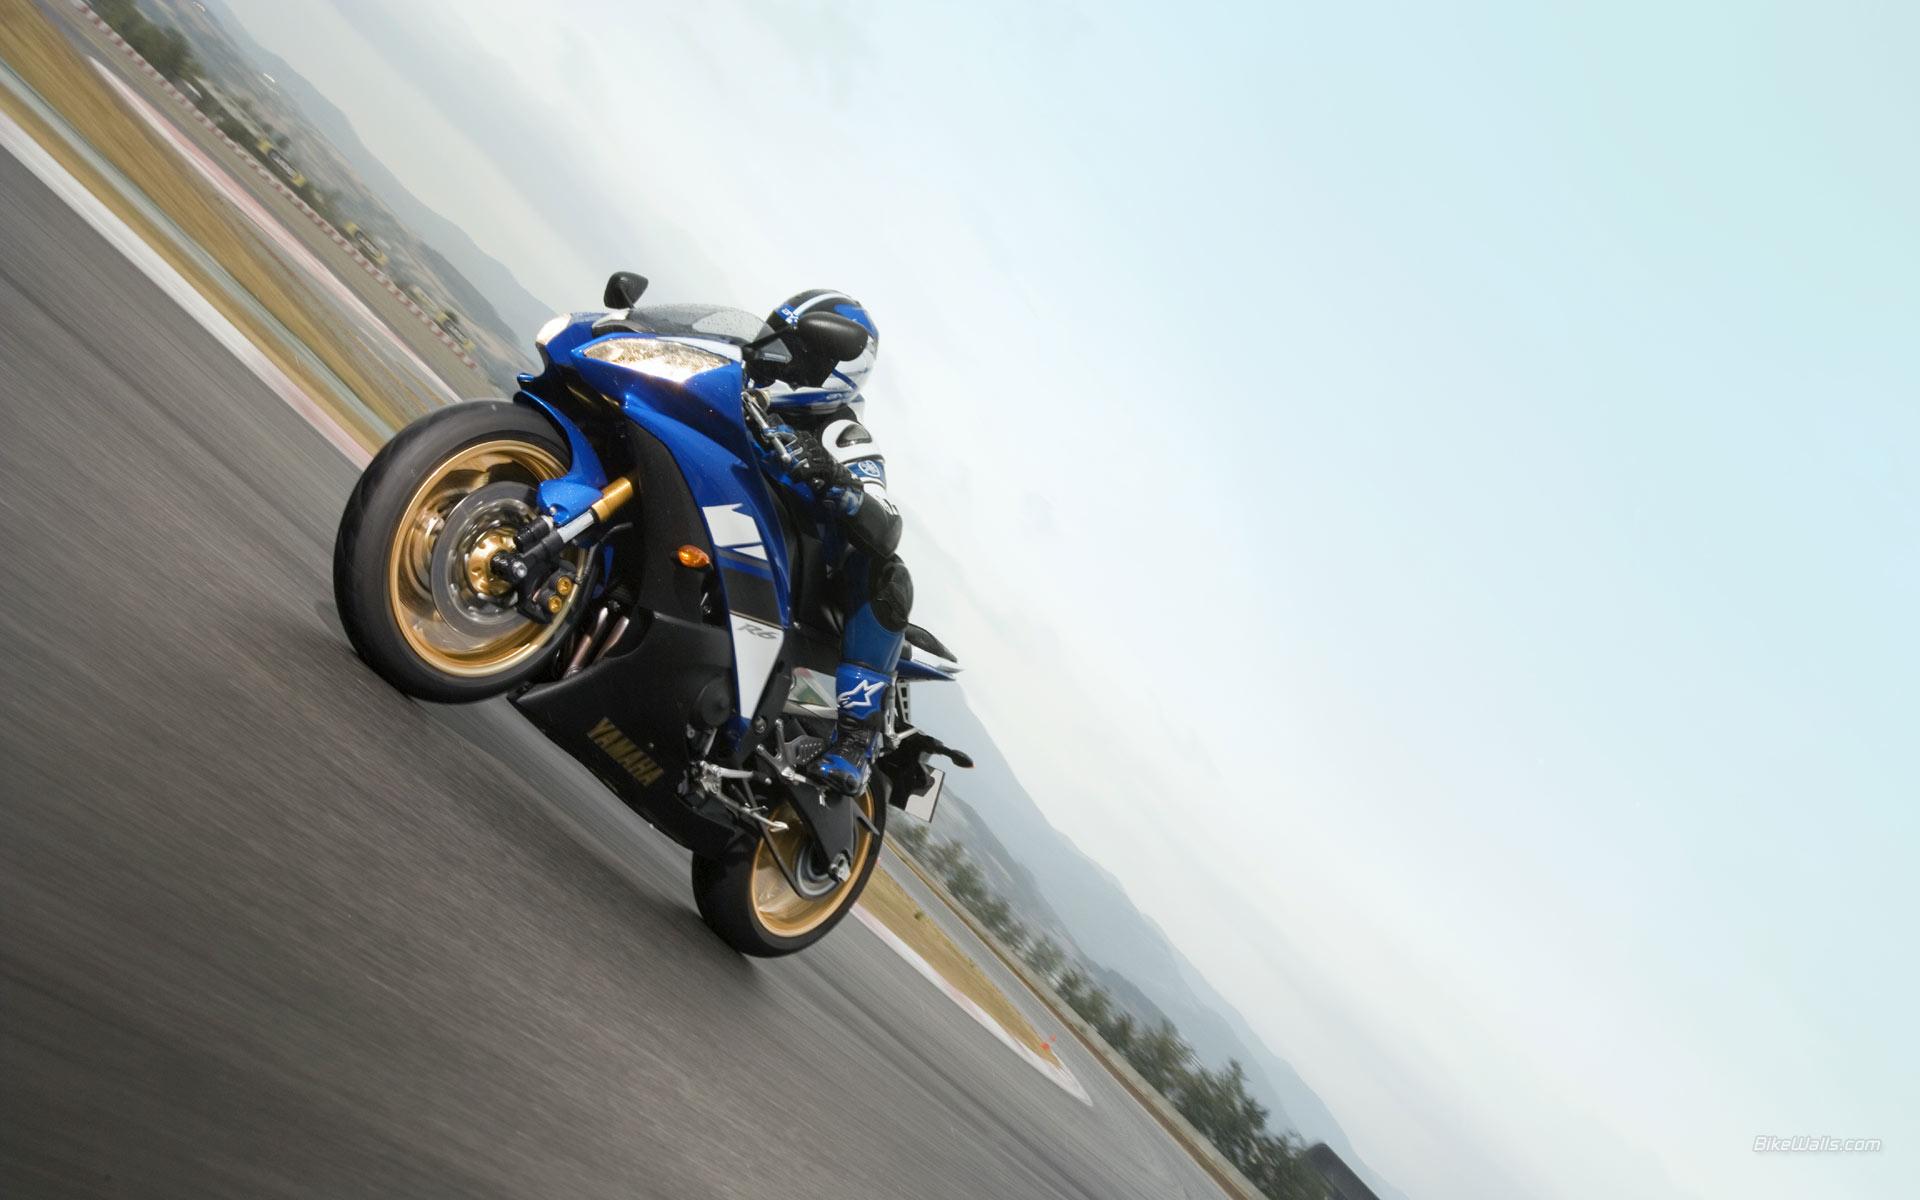 Moto Ninja Yamaha azul - 1920x1200